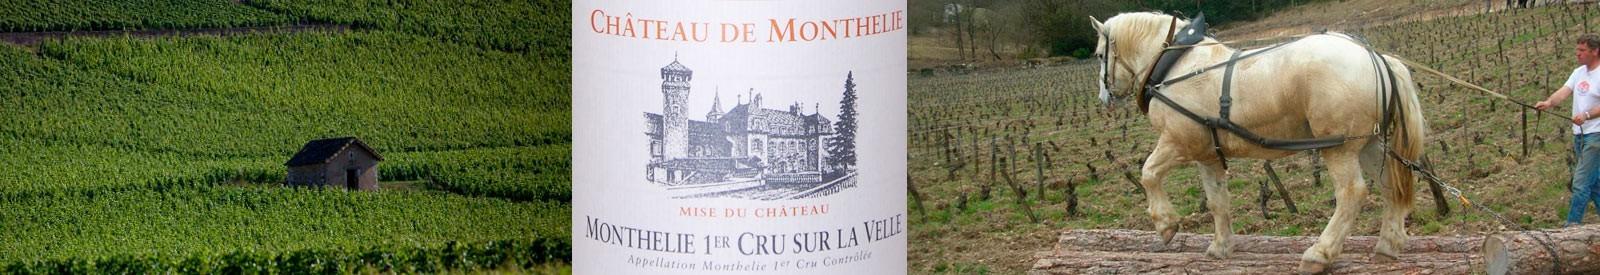 Château de Monthelie - Eric de Suremain – Vin Bio